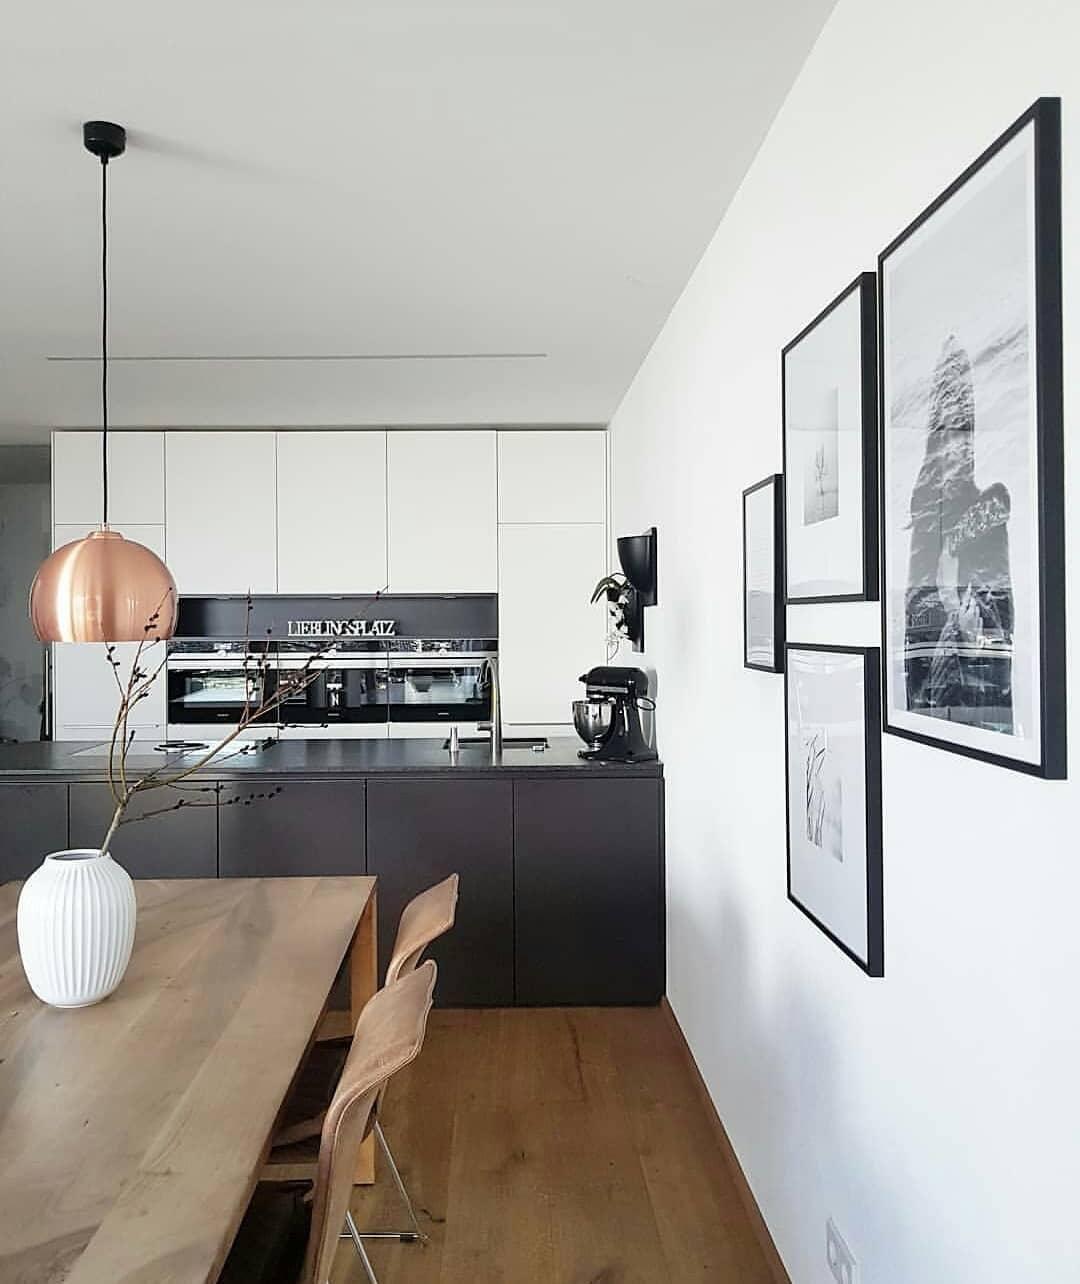 Offene Moderne Küche: Offene Küche Mit Esstisch